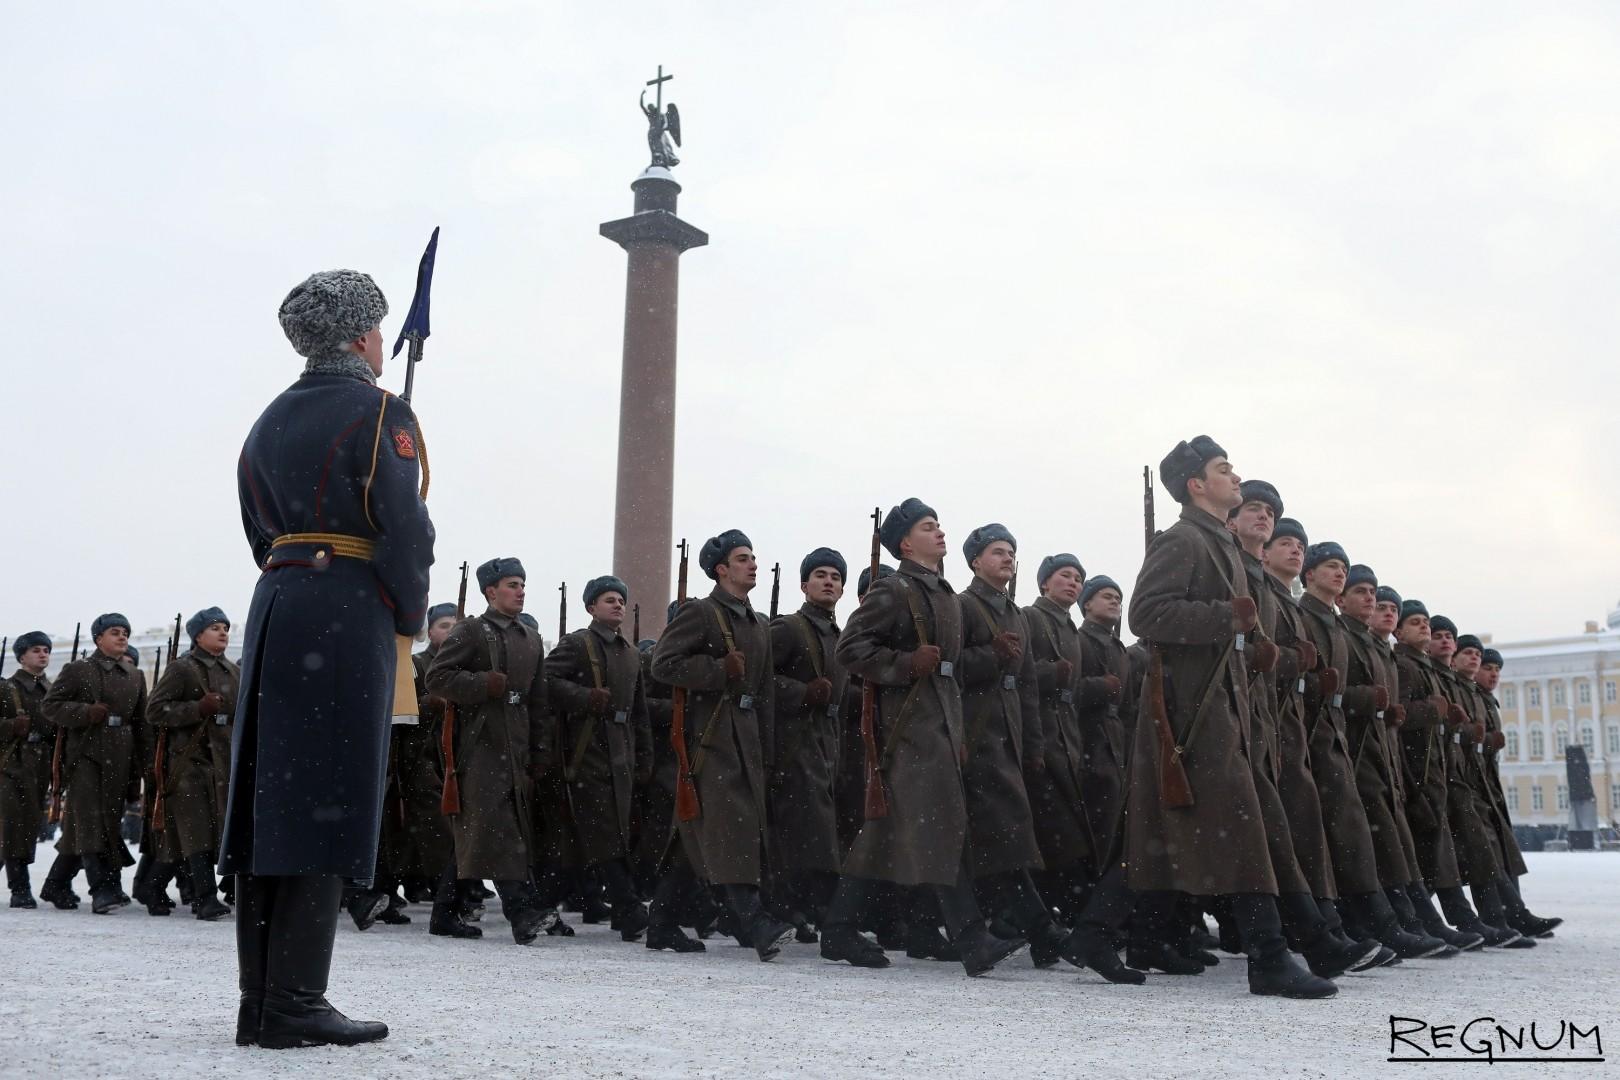 Военнослужащие в форме красноармейцев